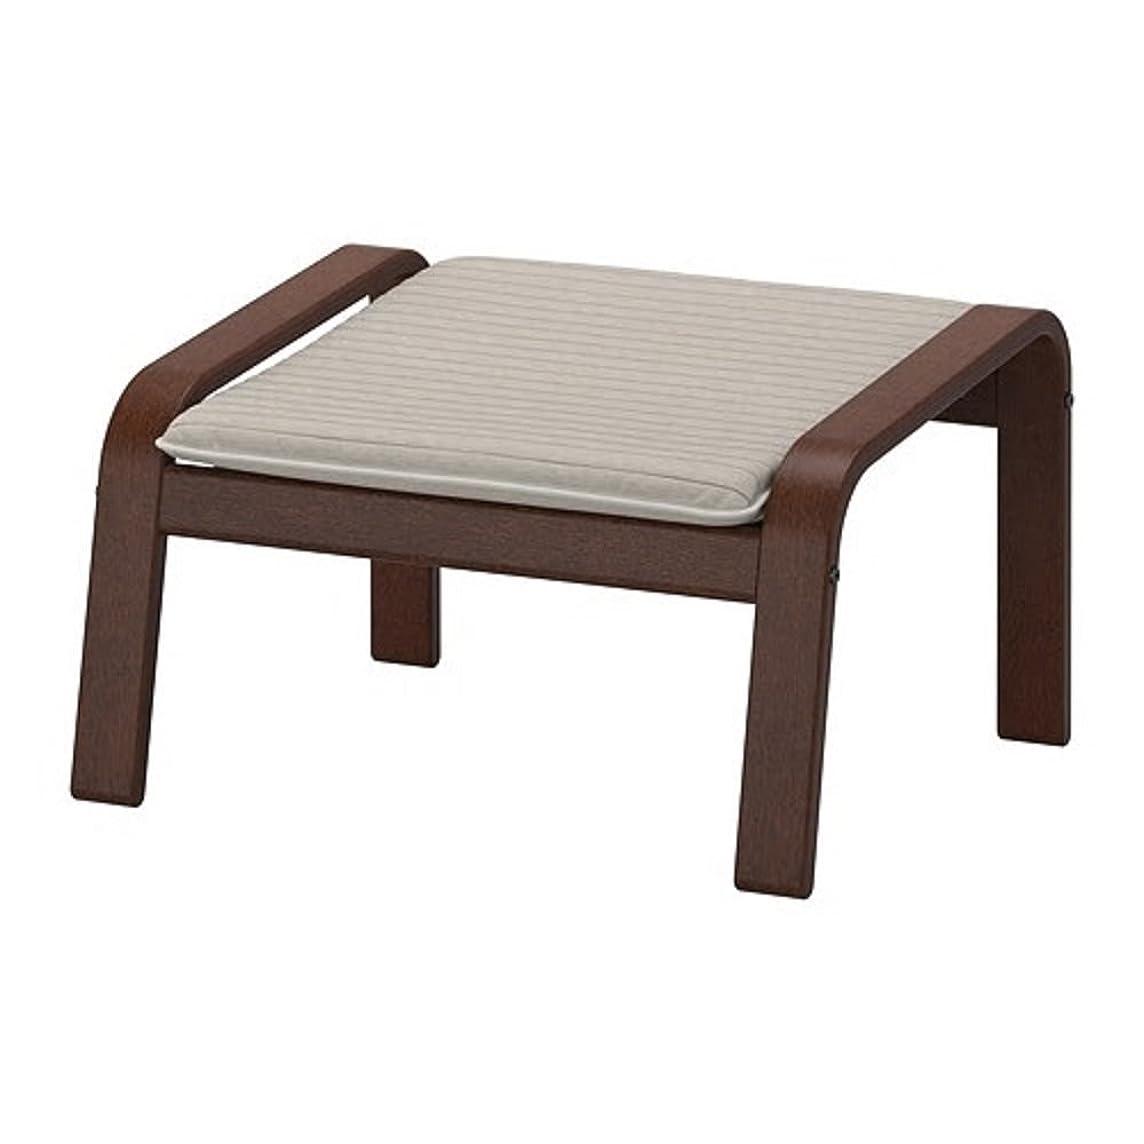 引っ張る開拓者拷問IKEA/イケア POANG/ポエング:フットスツール ブラウン/クニーサ ライトベージュ (892.446.84)